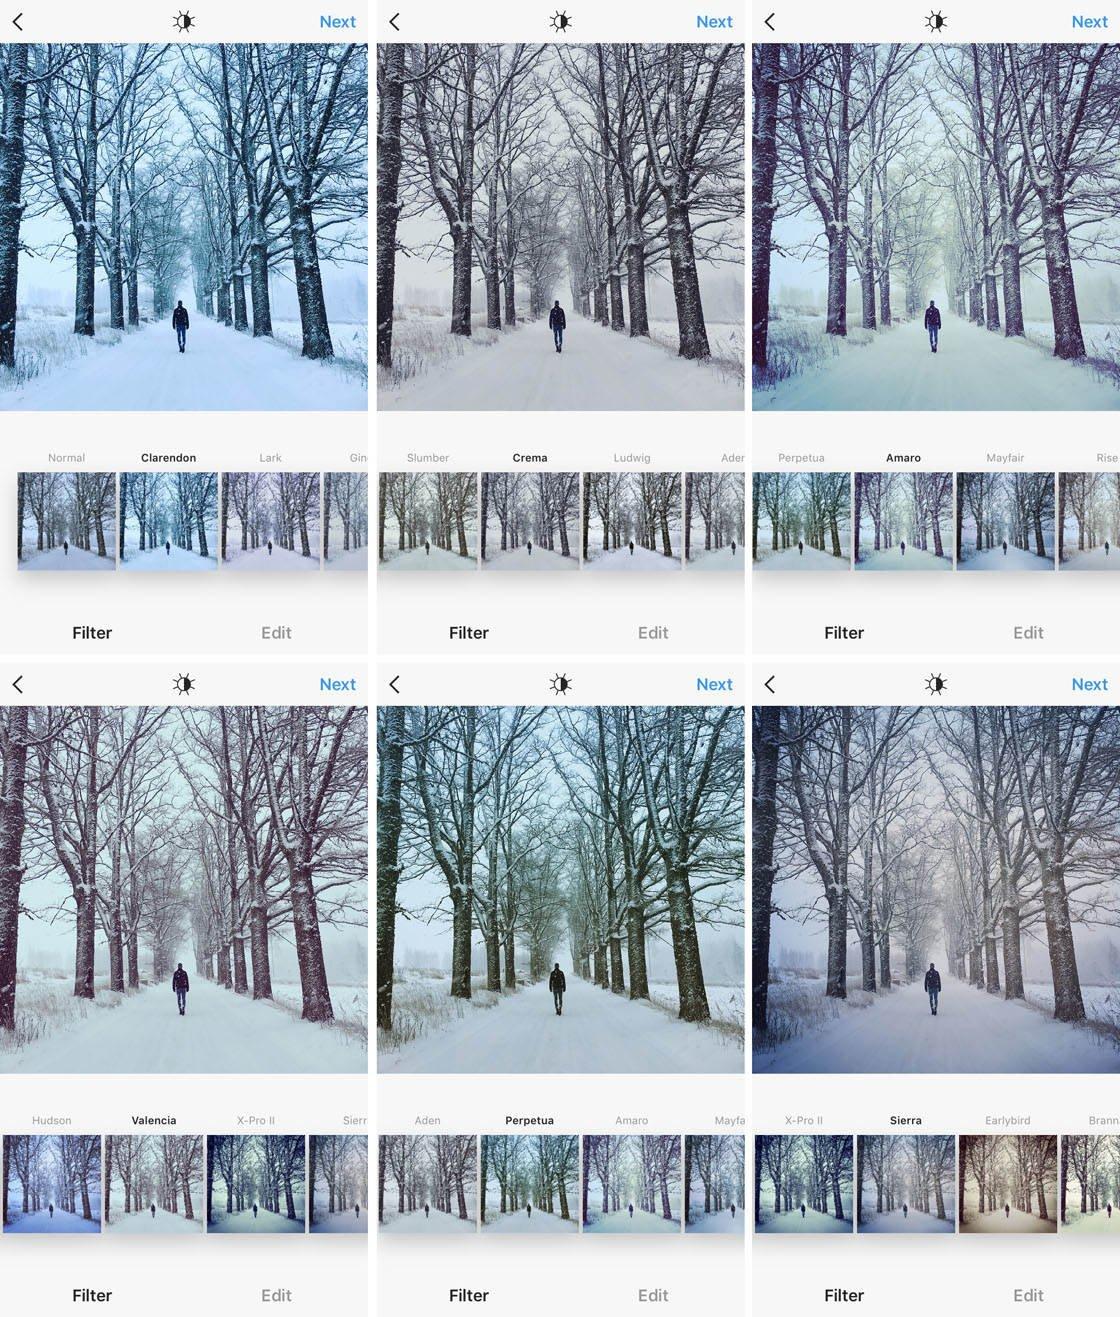 Instagram iPhone Photo Editing 10 no script